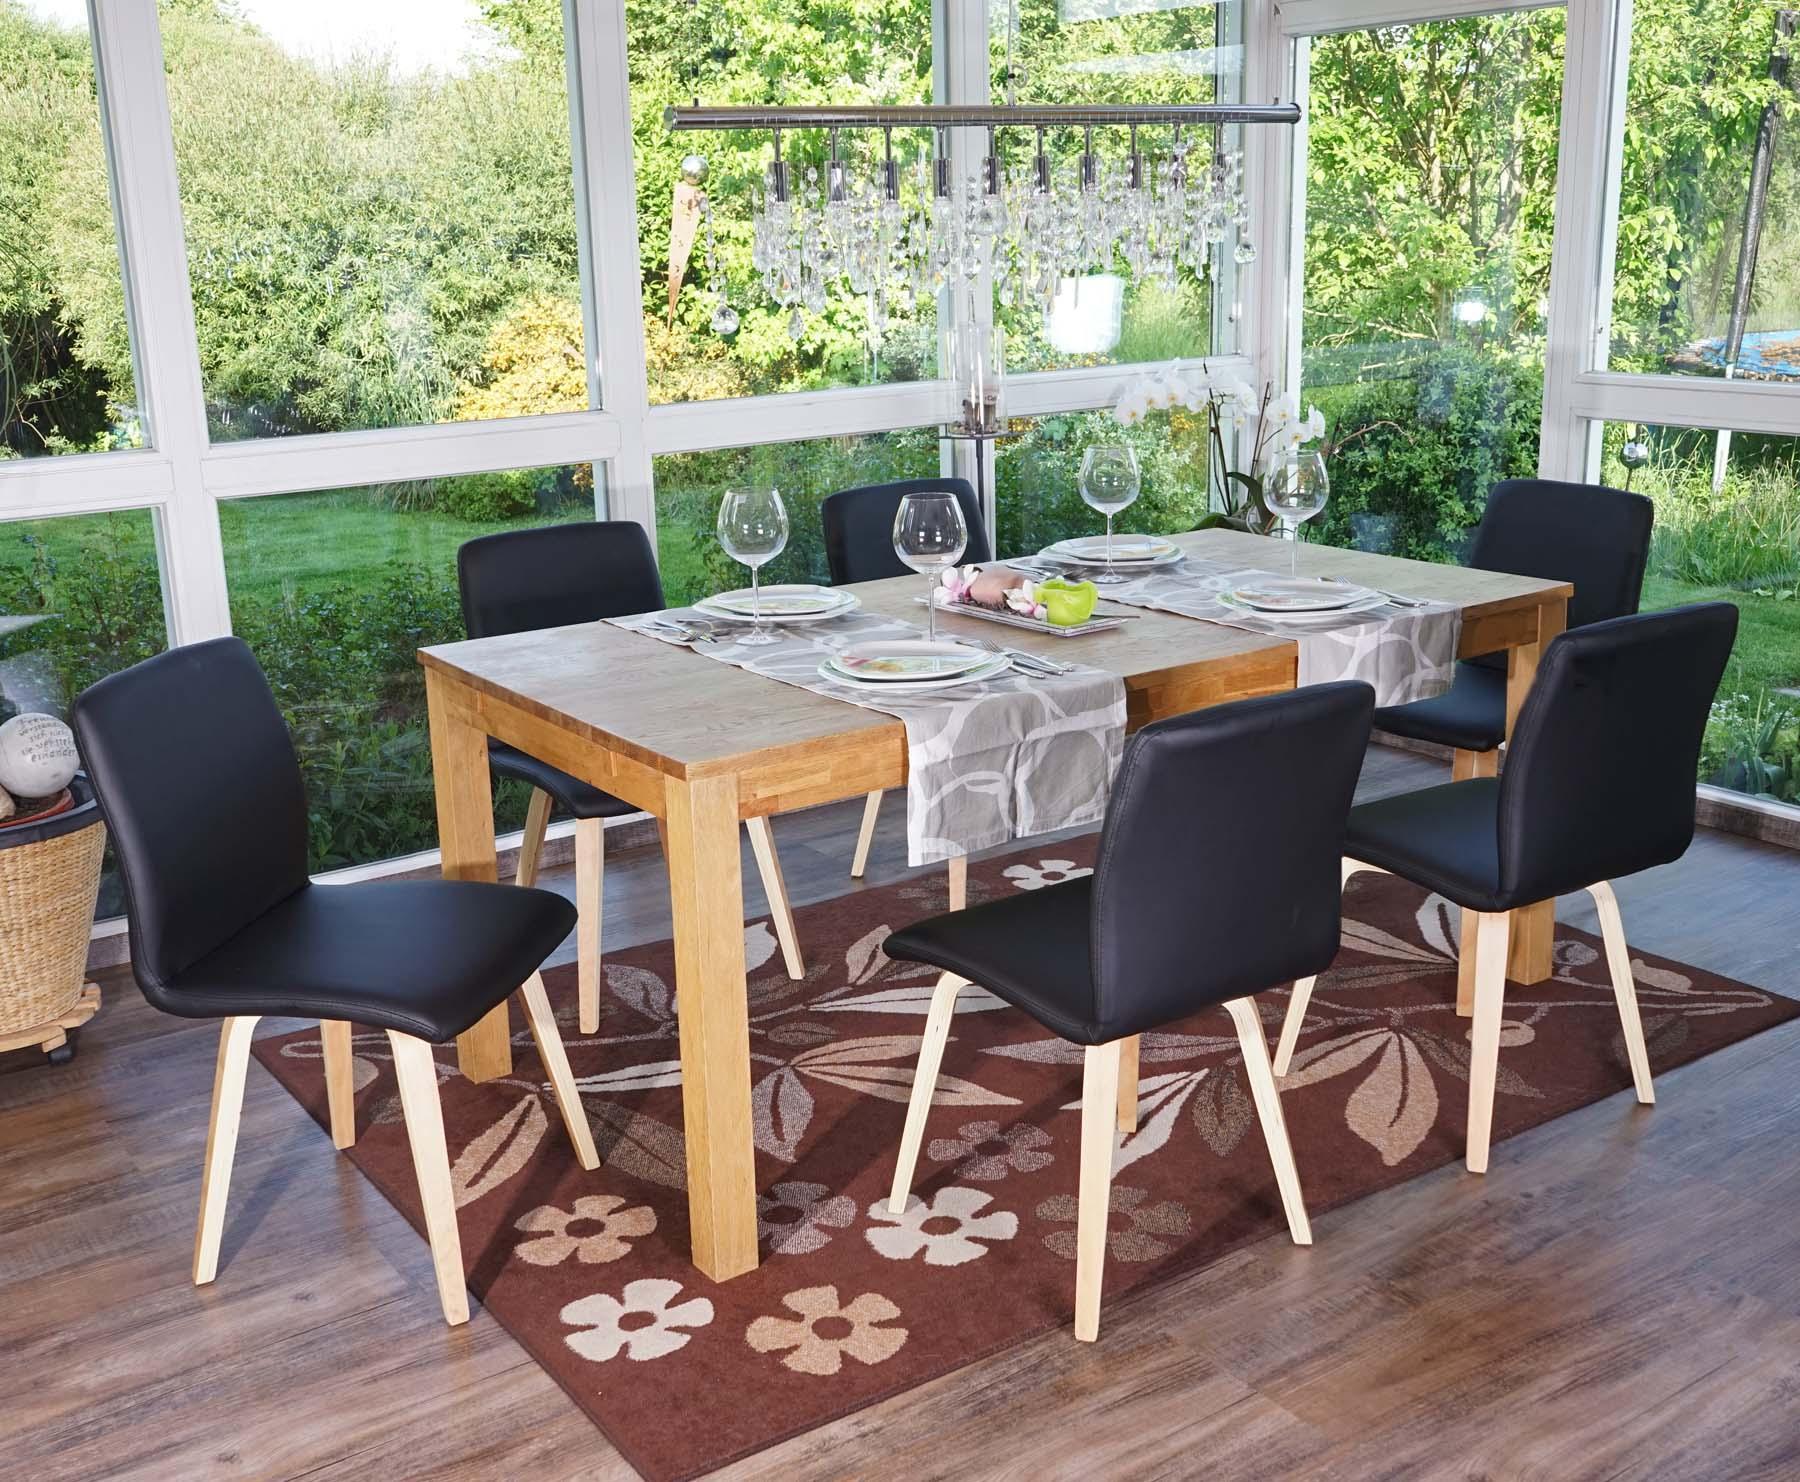 Lote 6 sillas de cocina o comedor dusty estructura y for Sillas cocina comedor